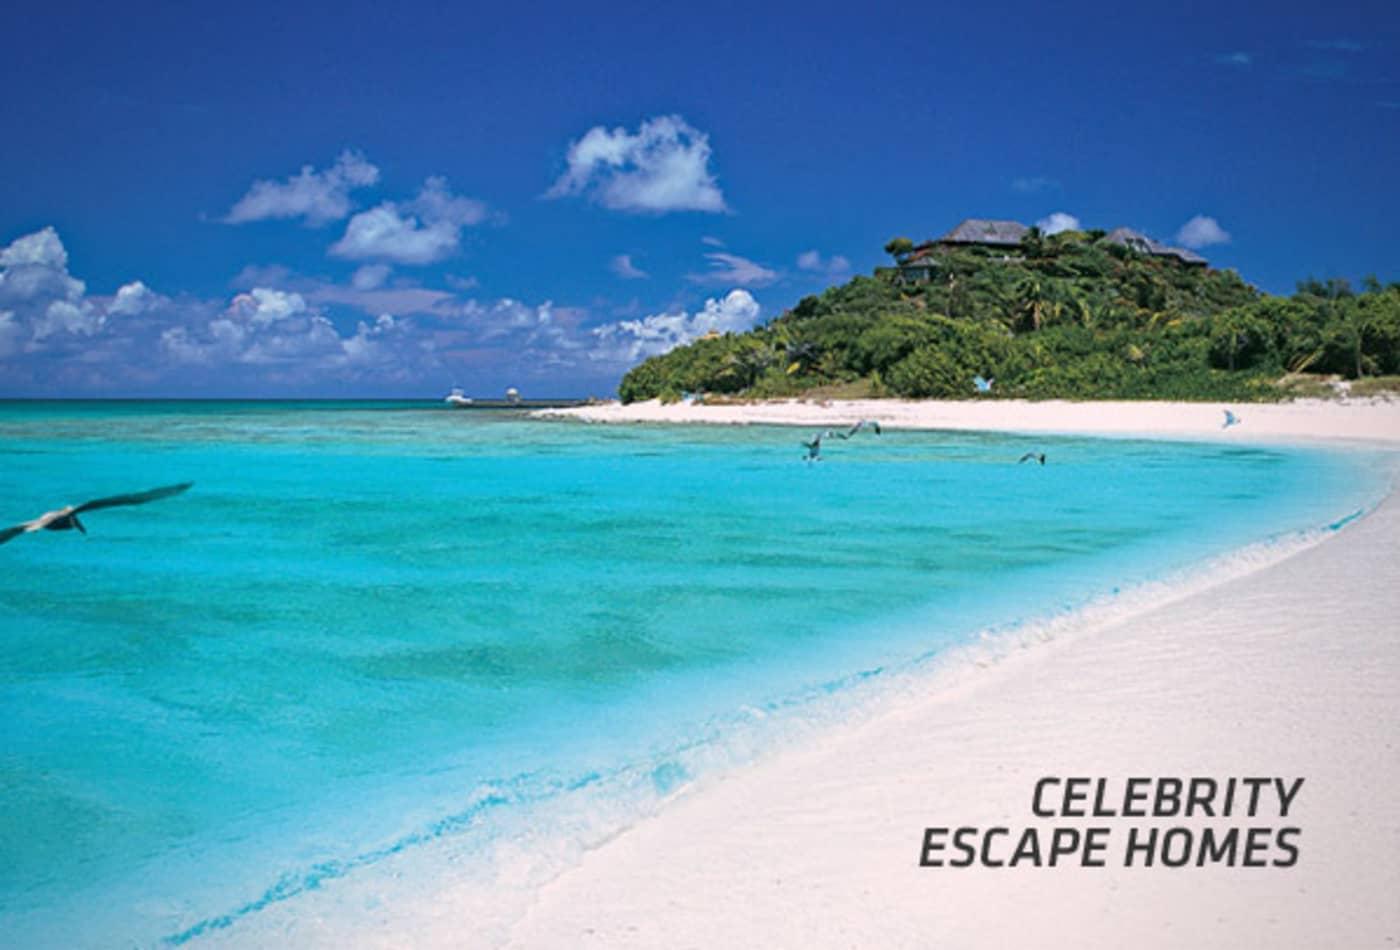 SS_Celebrity_Escape_Homes_Cover.jpg